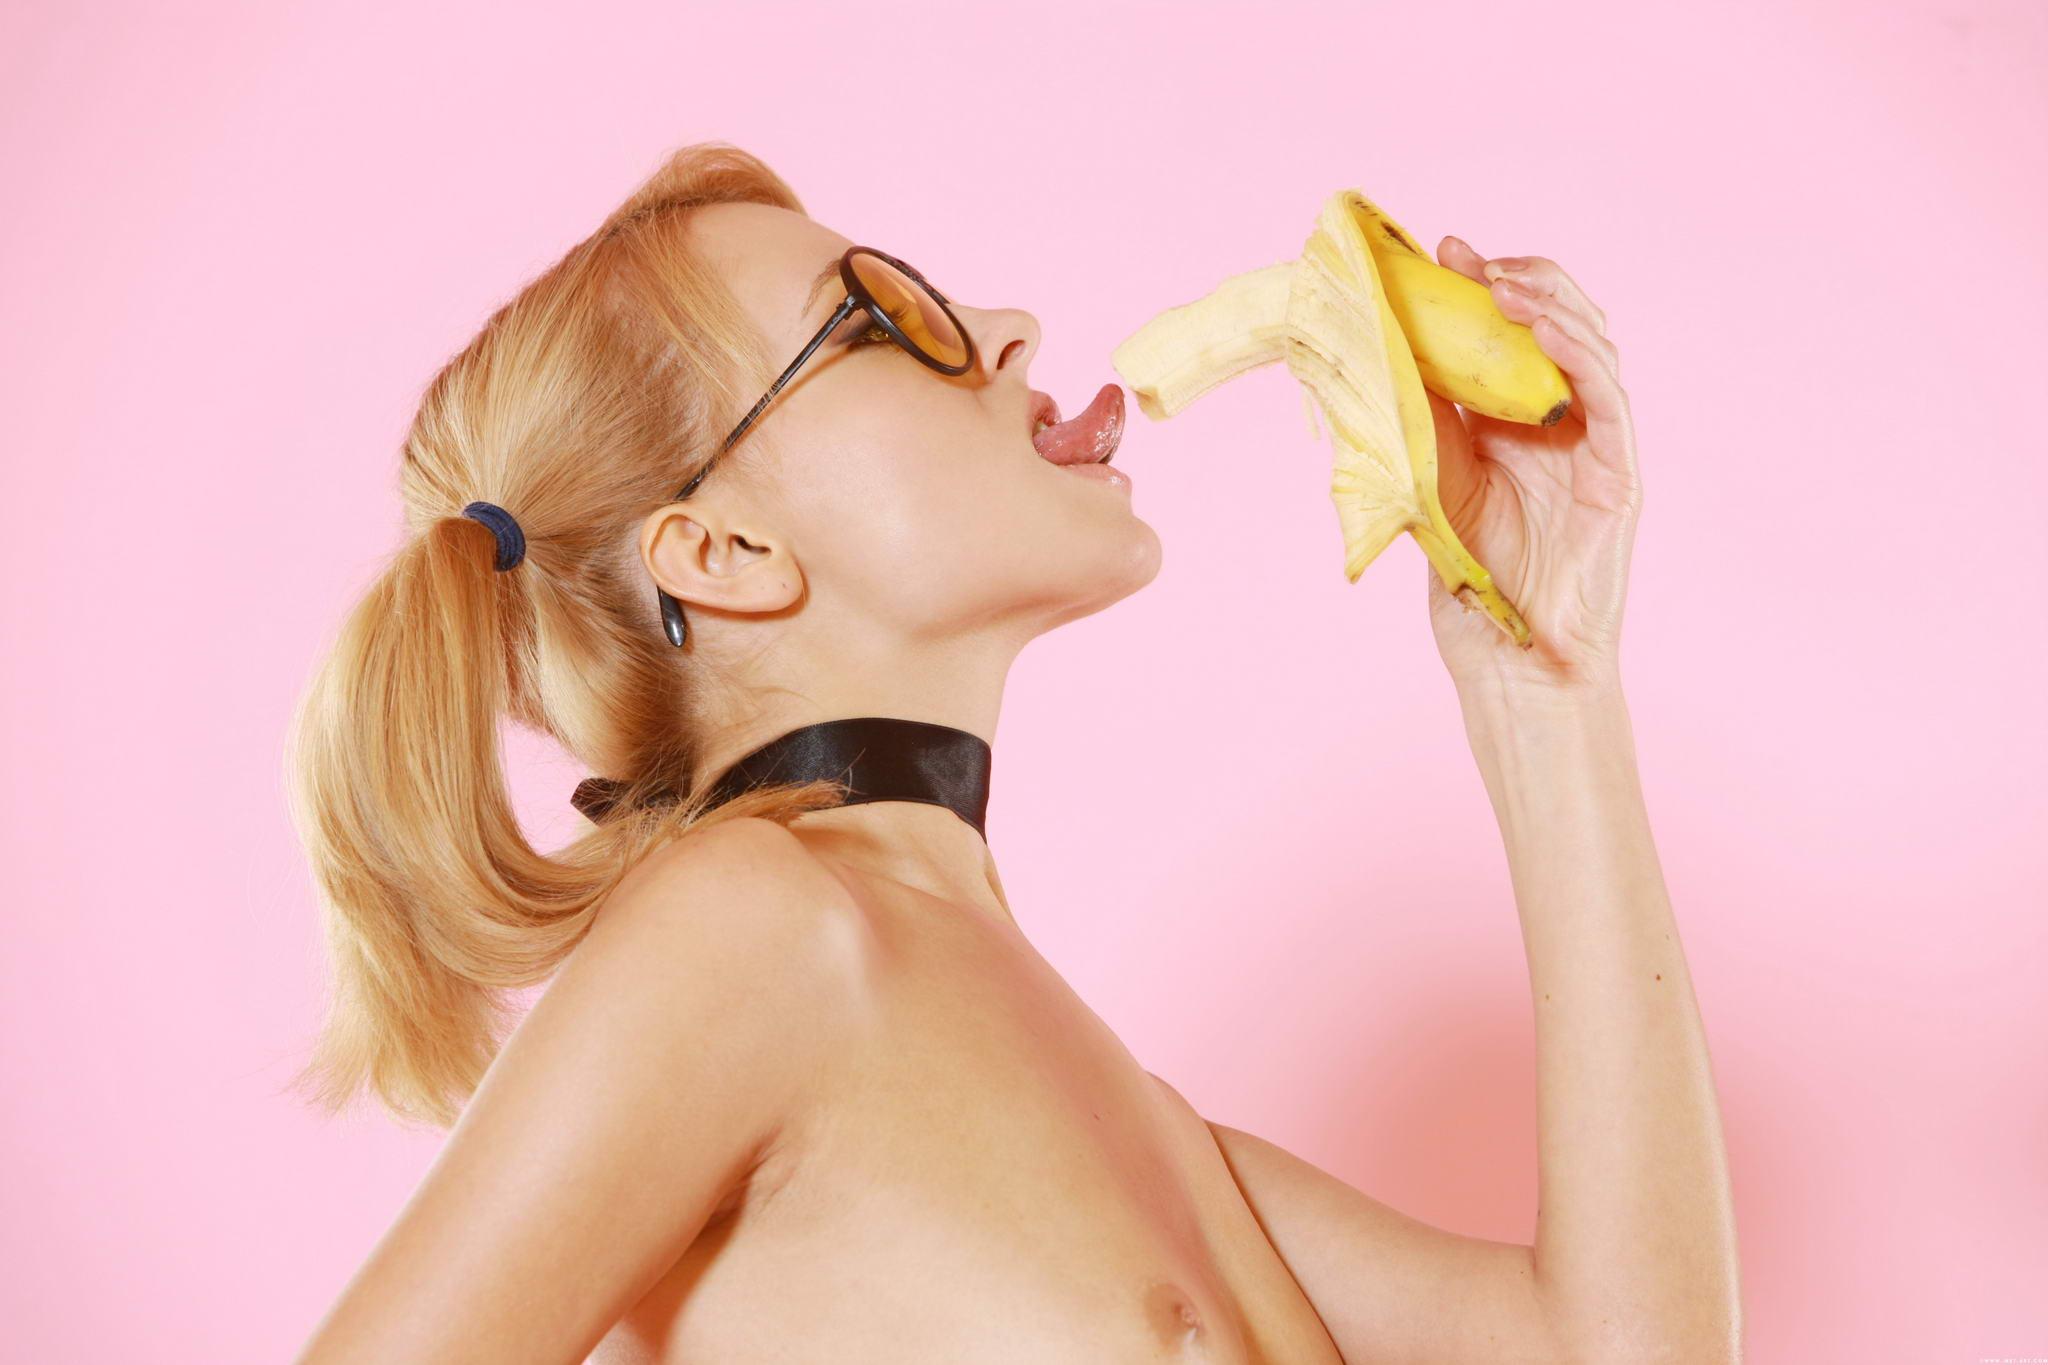 Эротично ест банан 2 фотография